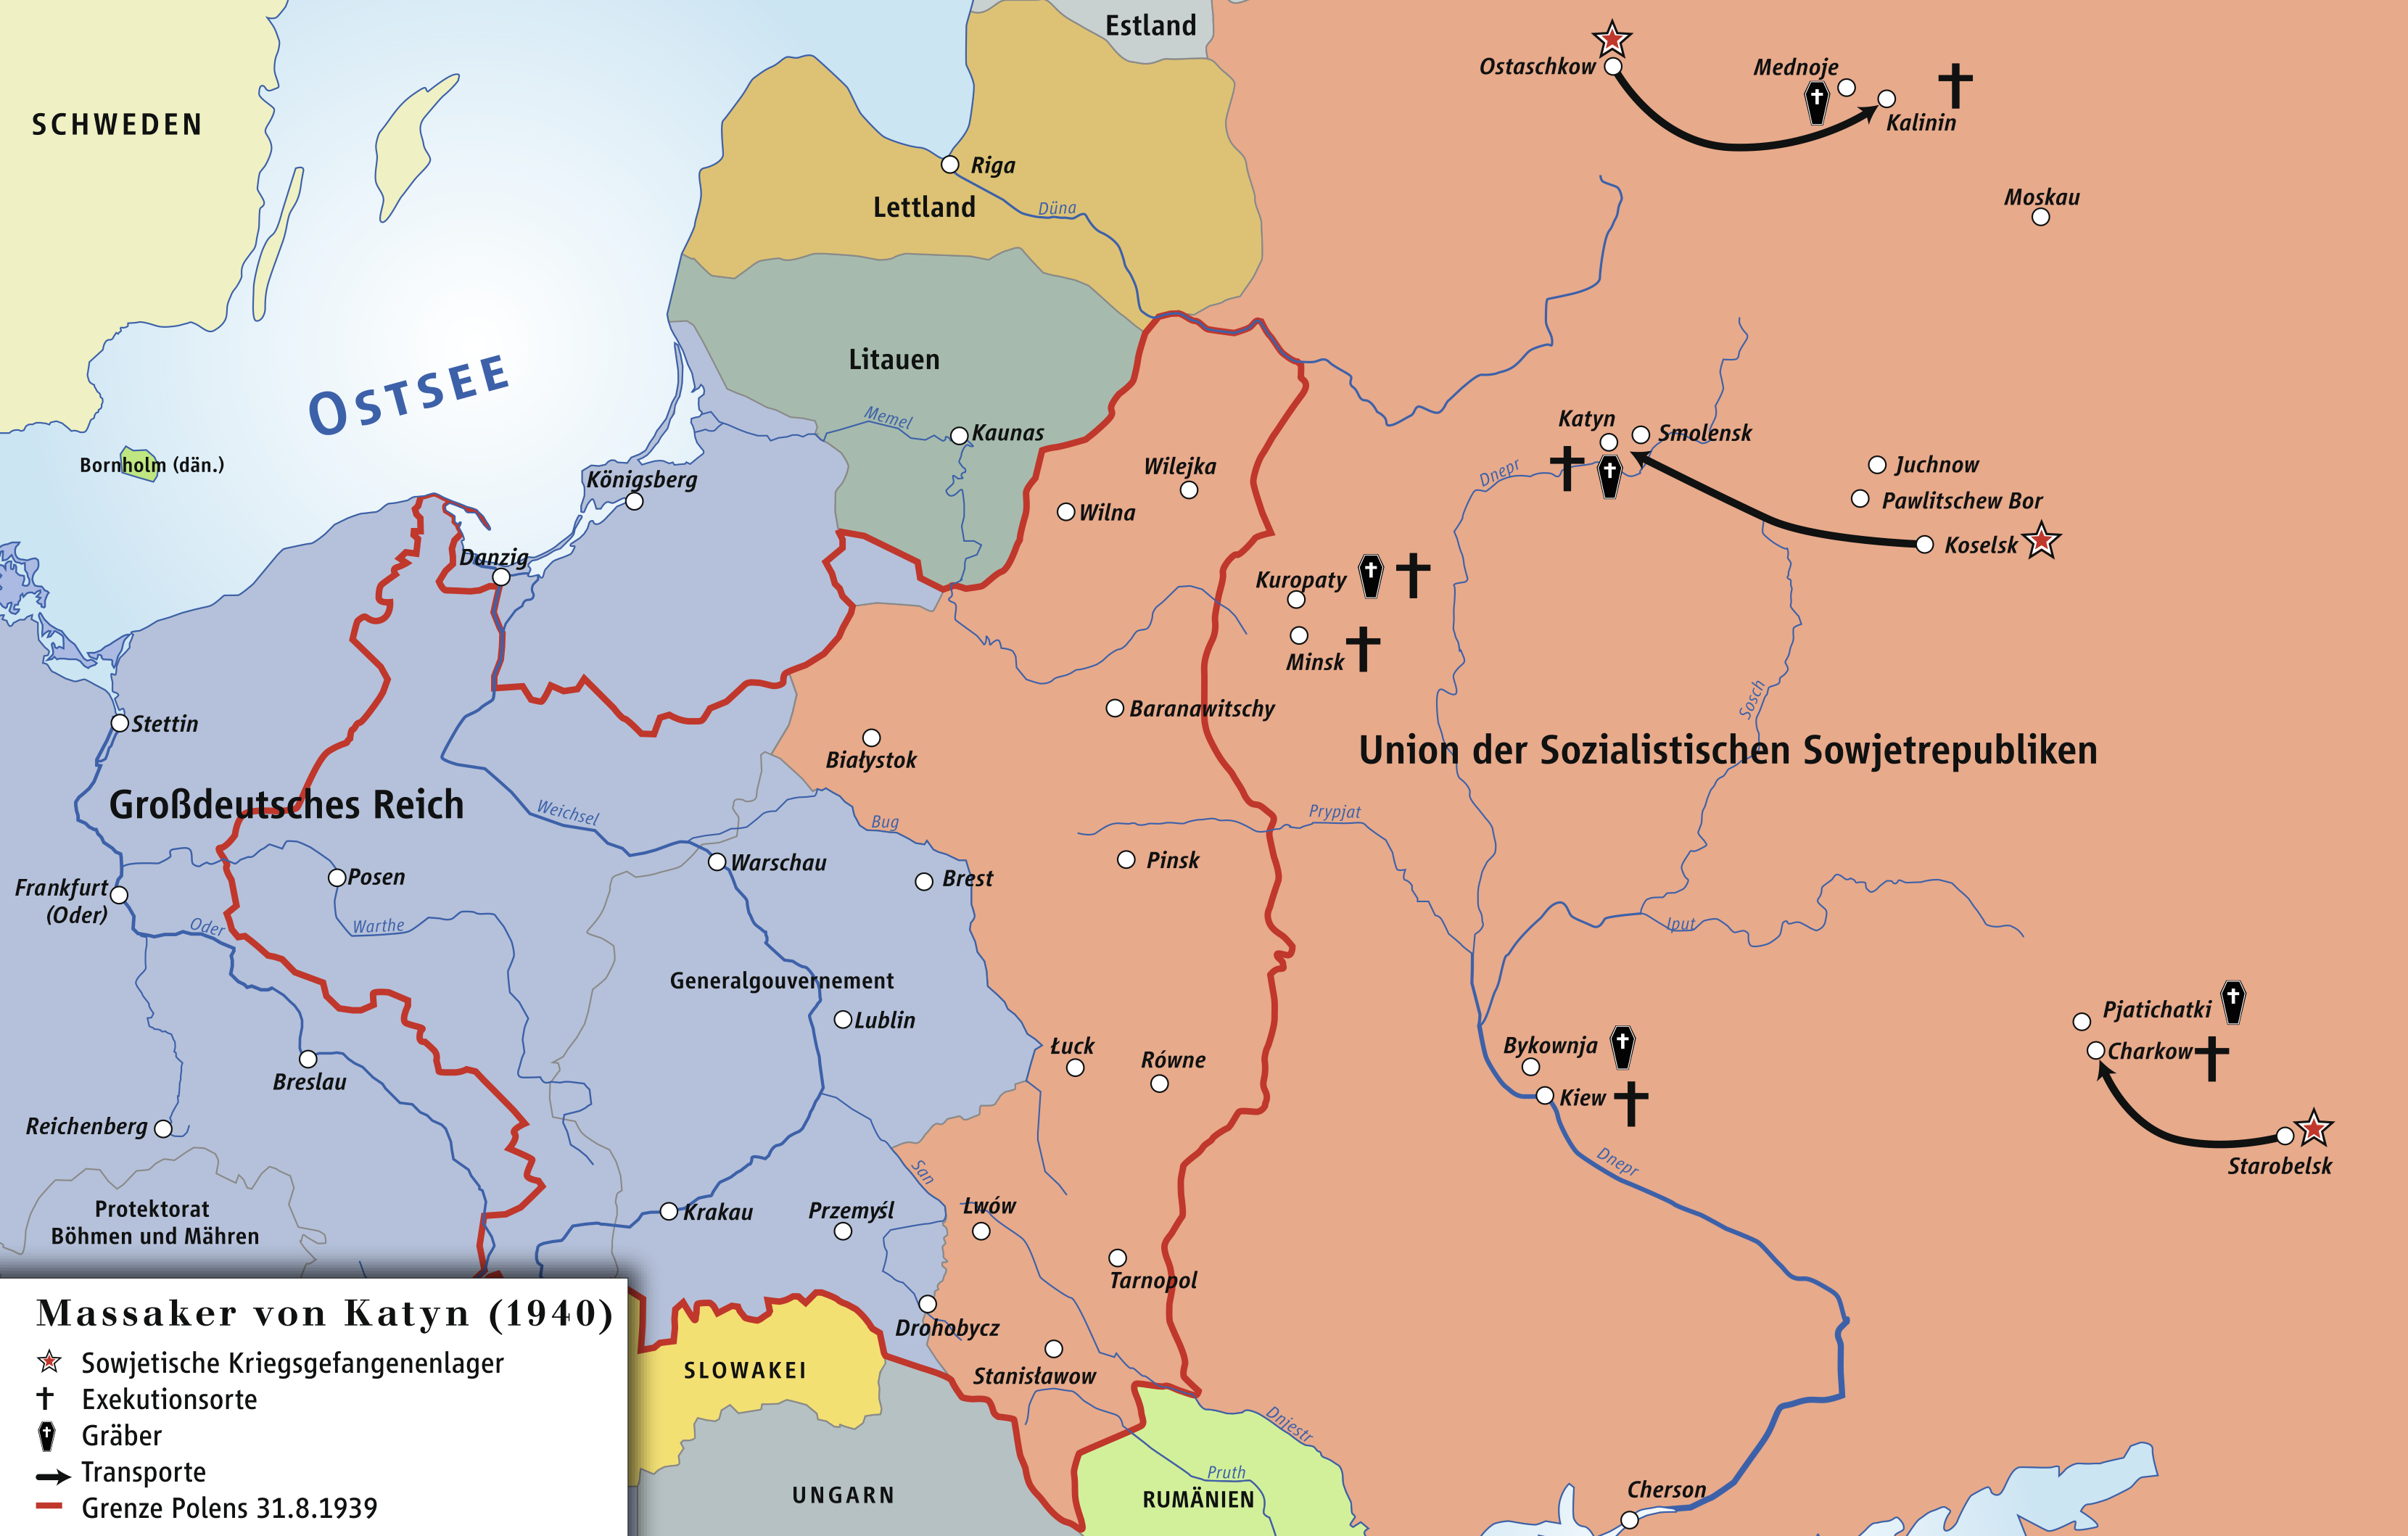 File:Massacre of Katyn.png - Wikimedia Commons